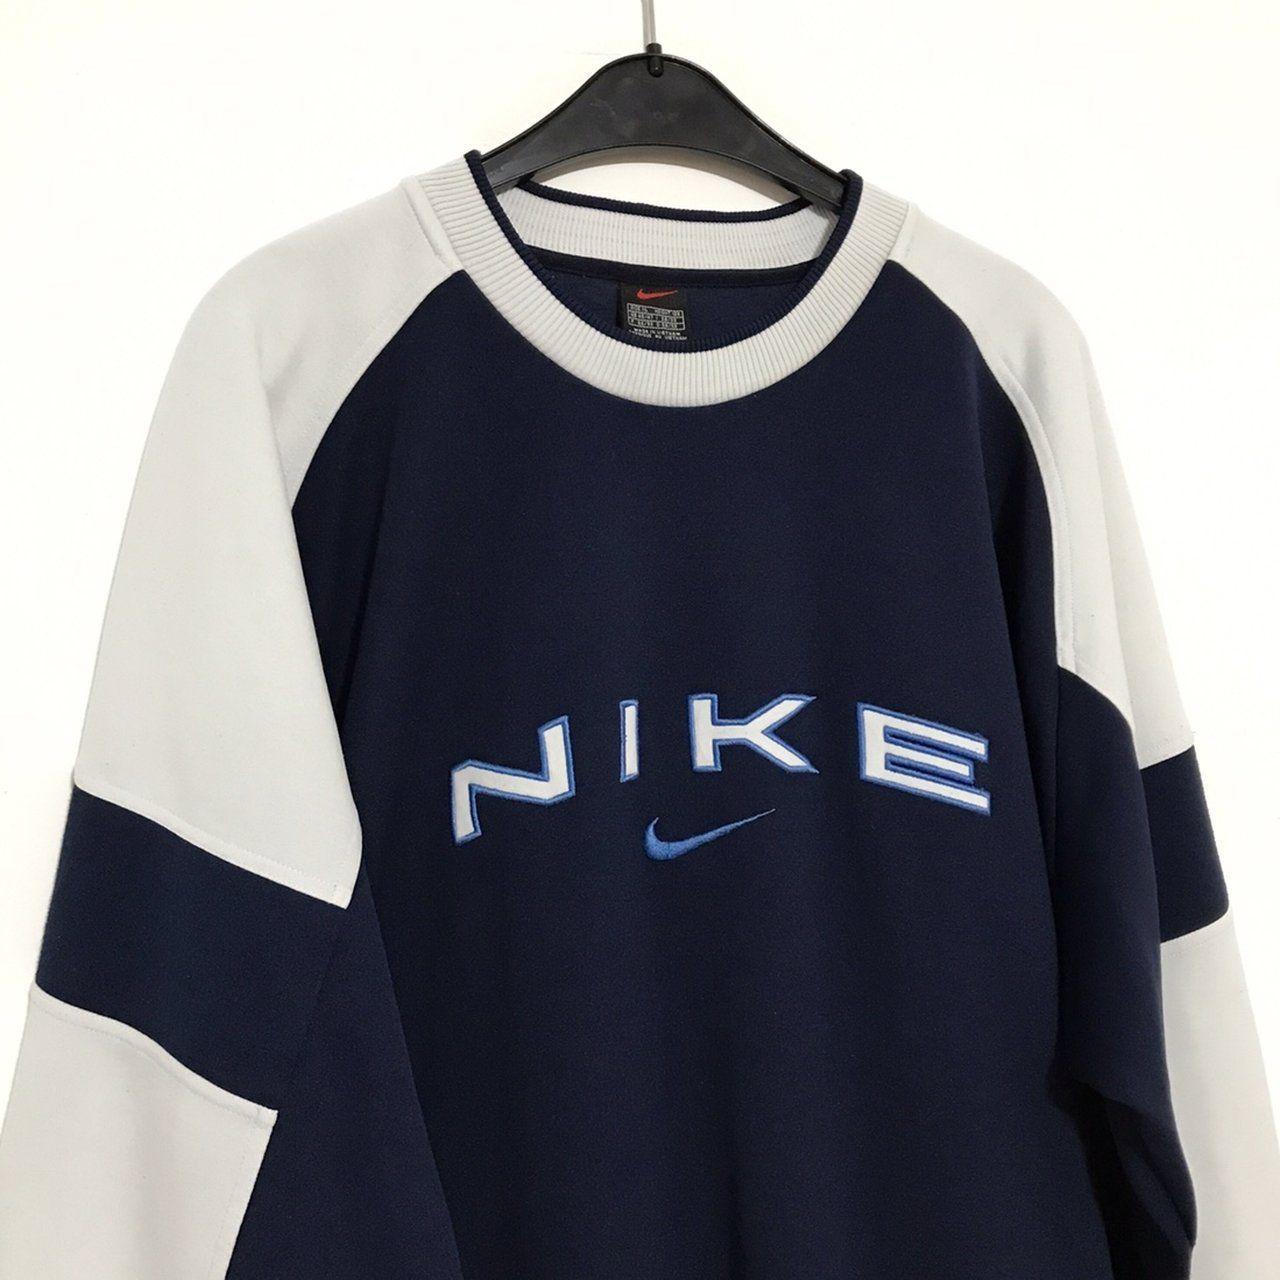 Vintage Hoodies In 2020 Vintage Nike Sweatshirt Vintage Hoodies Retro Outfits